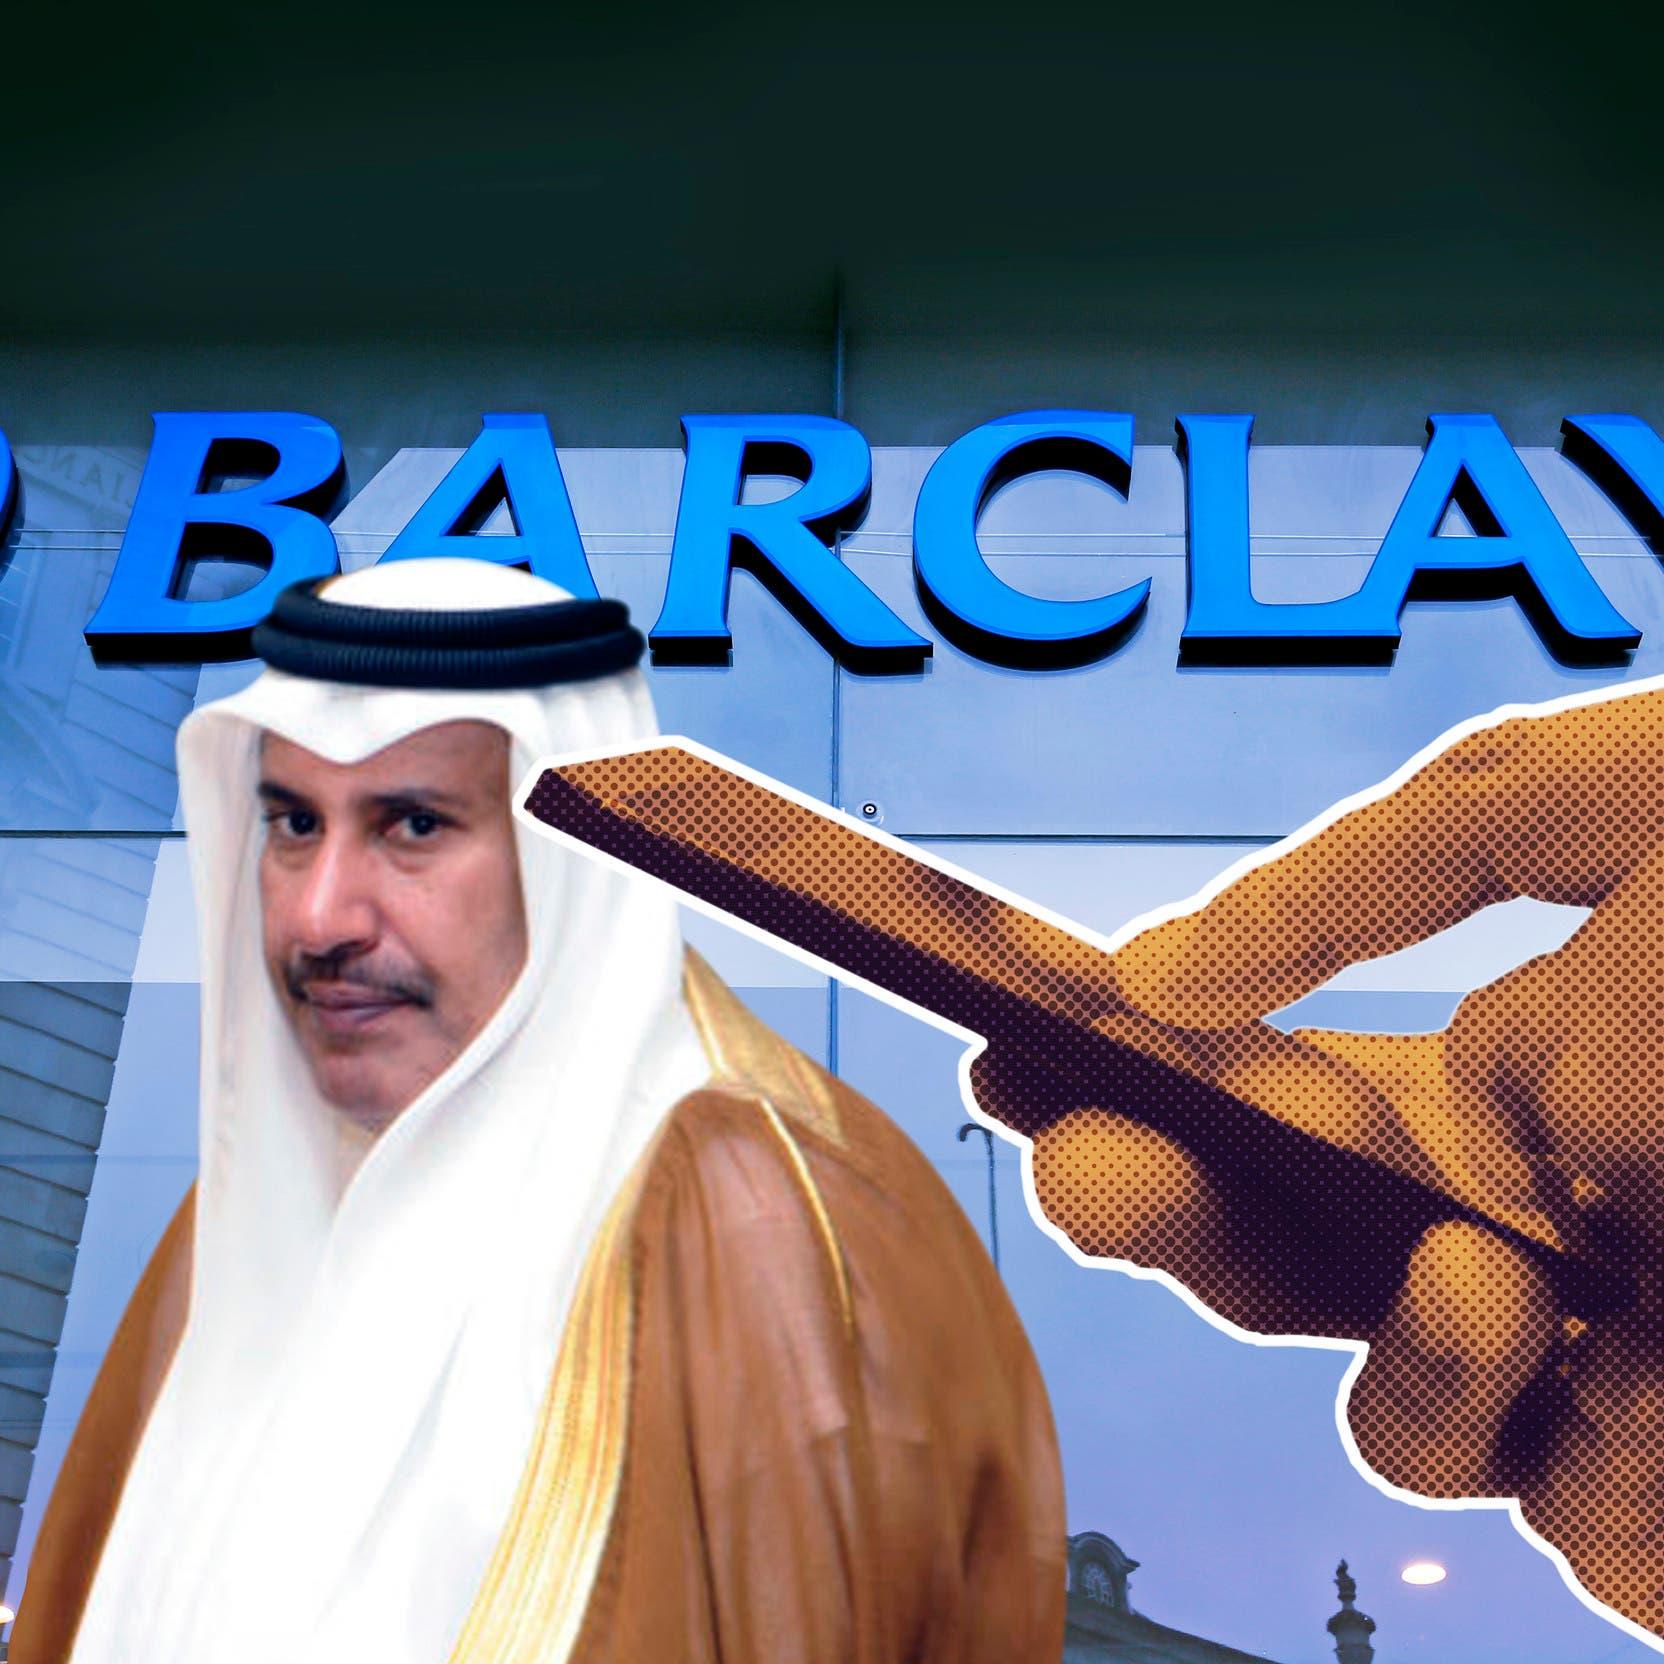 فضيحة باركليز.. شاهد ذهبي ورسائل تفضح شركة حمد بن جاسم